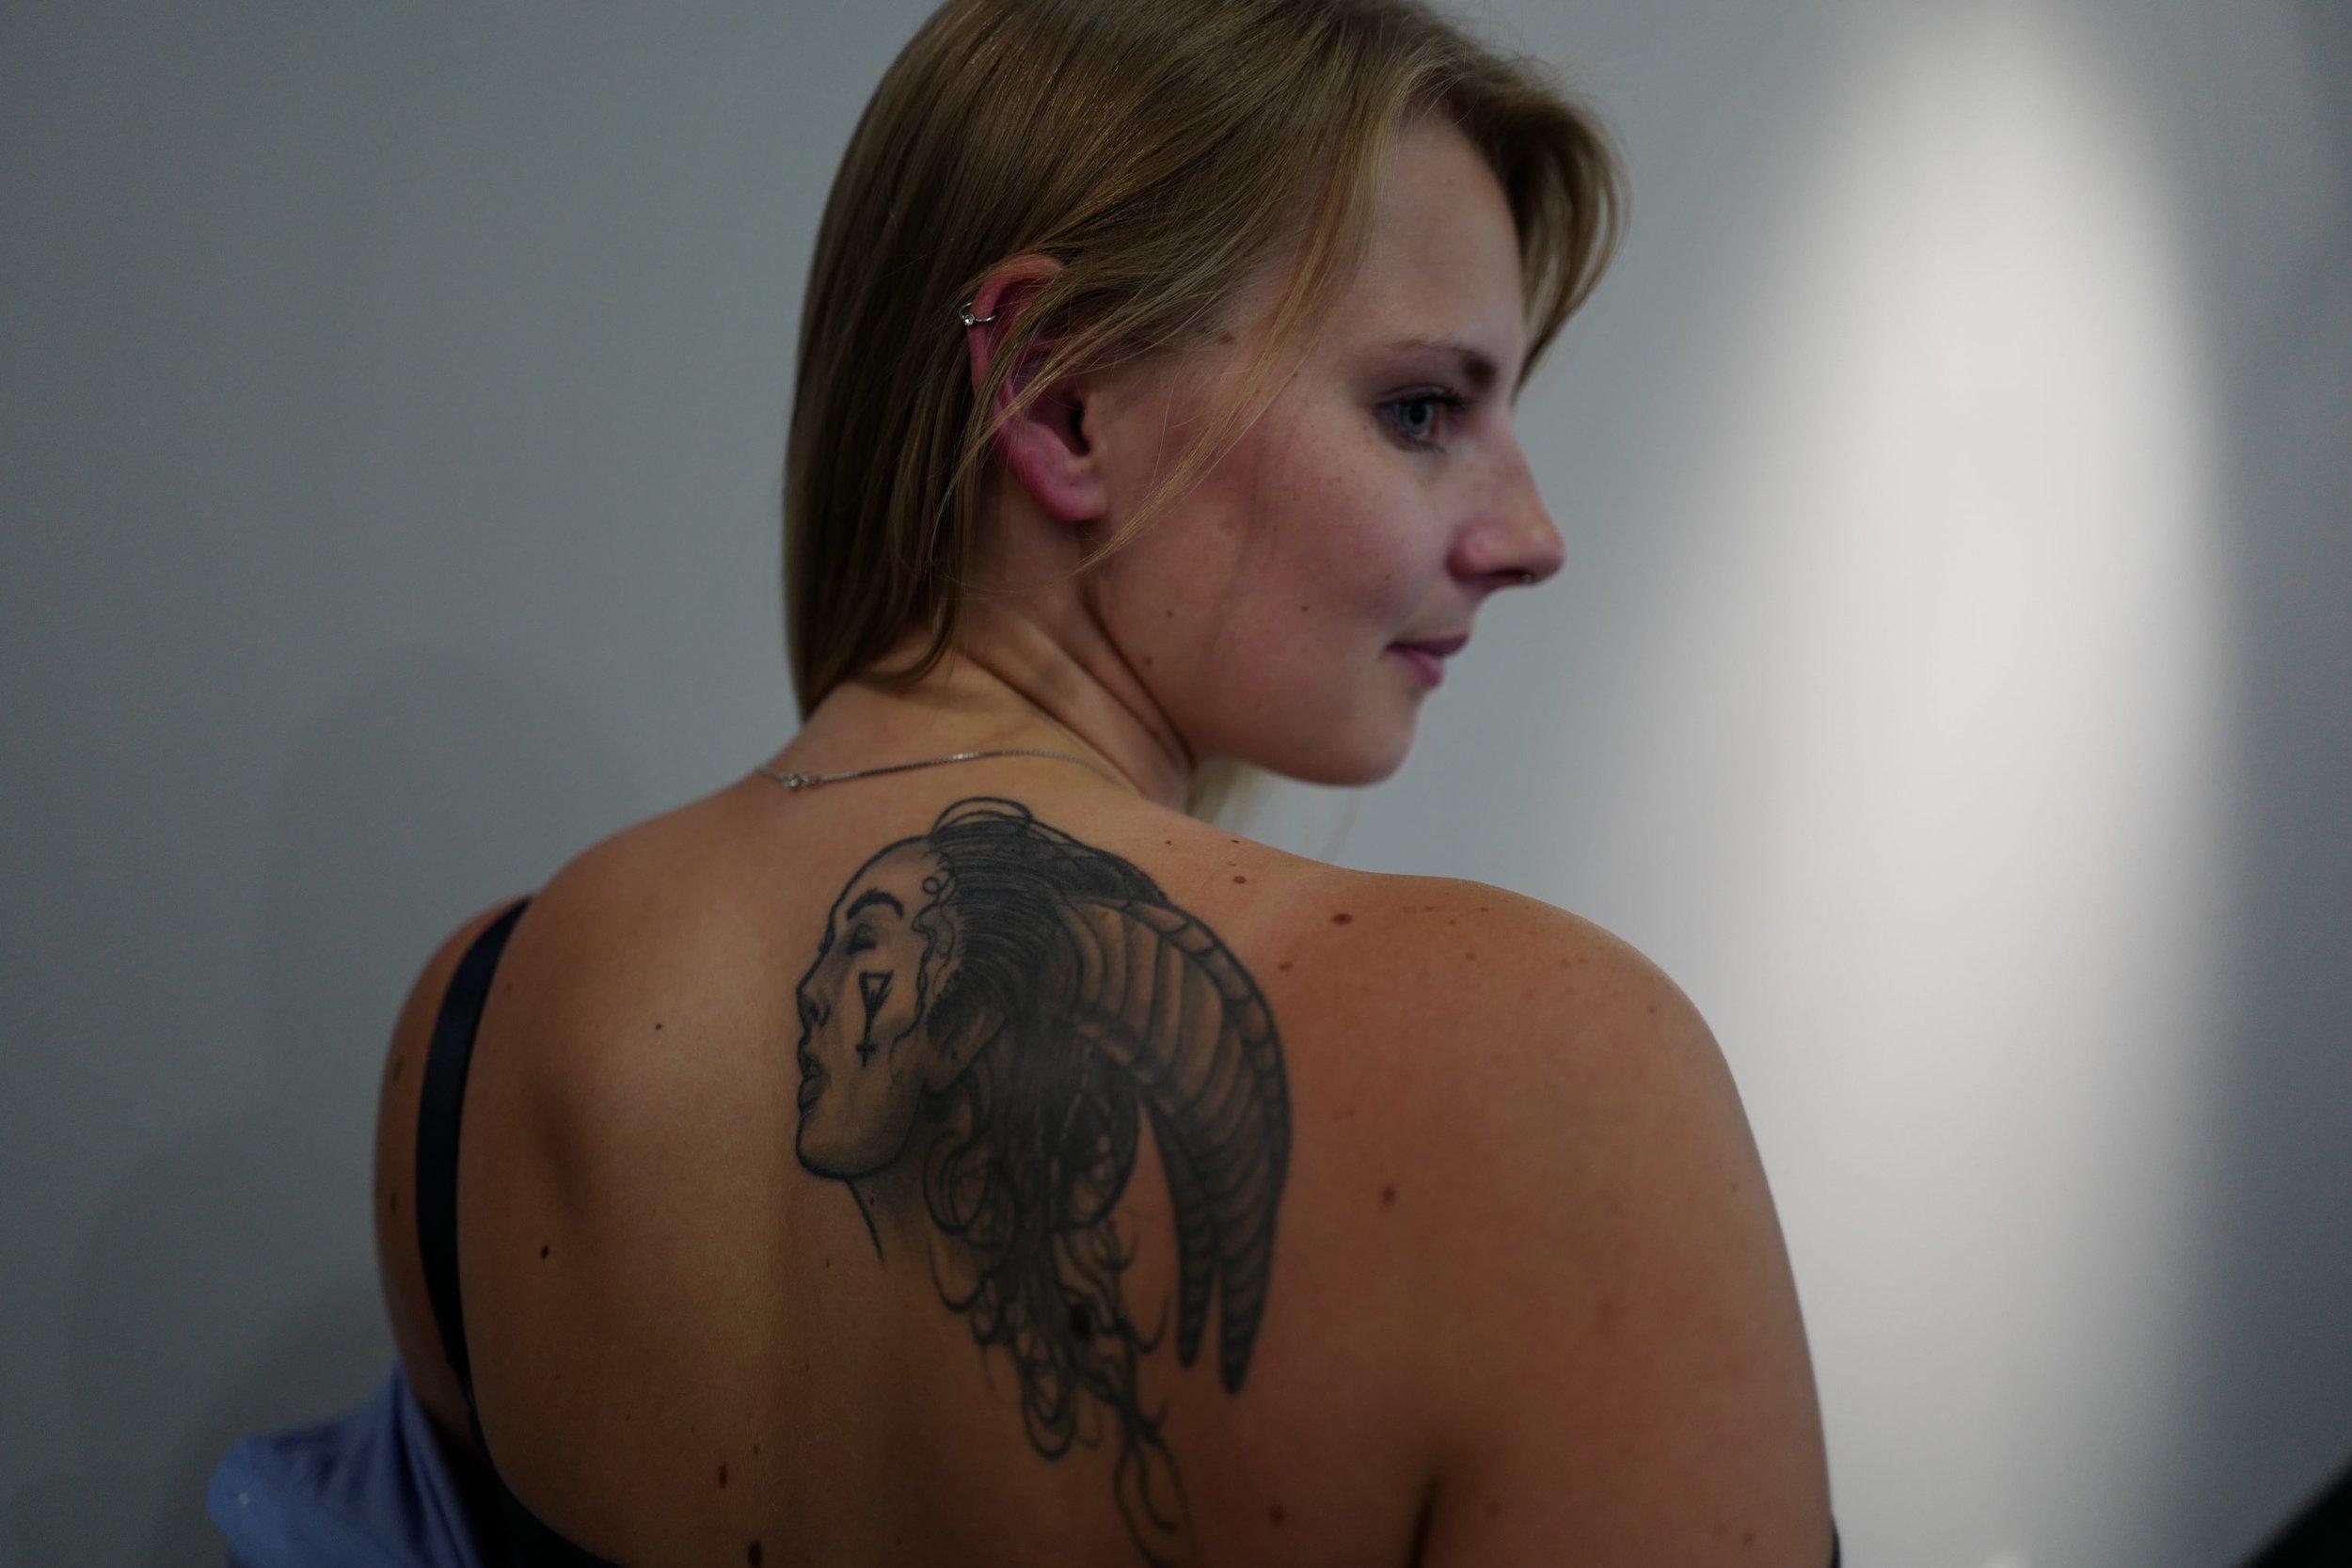 grassi_tattoo_mark_benecke -L1190956.jpg